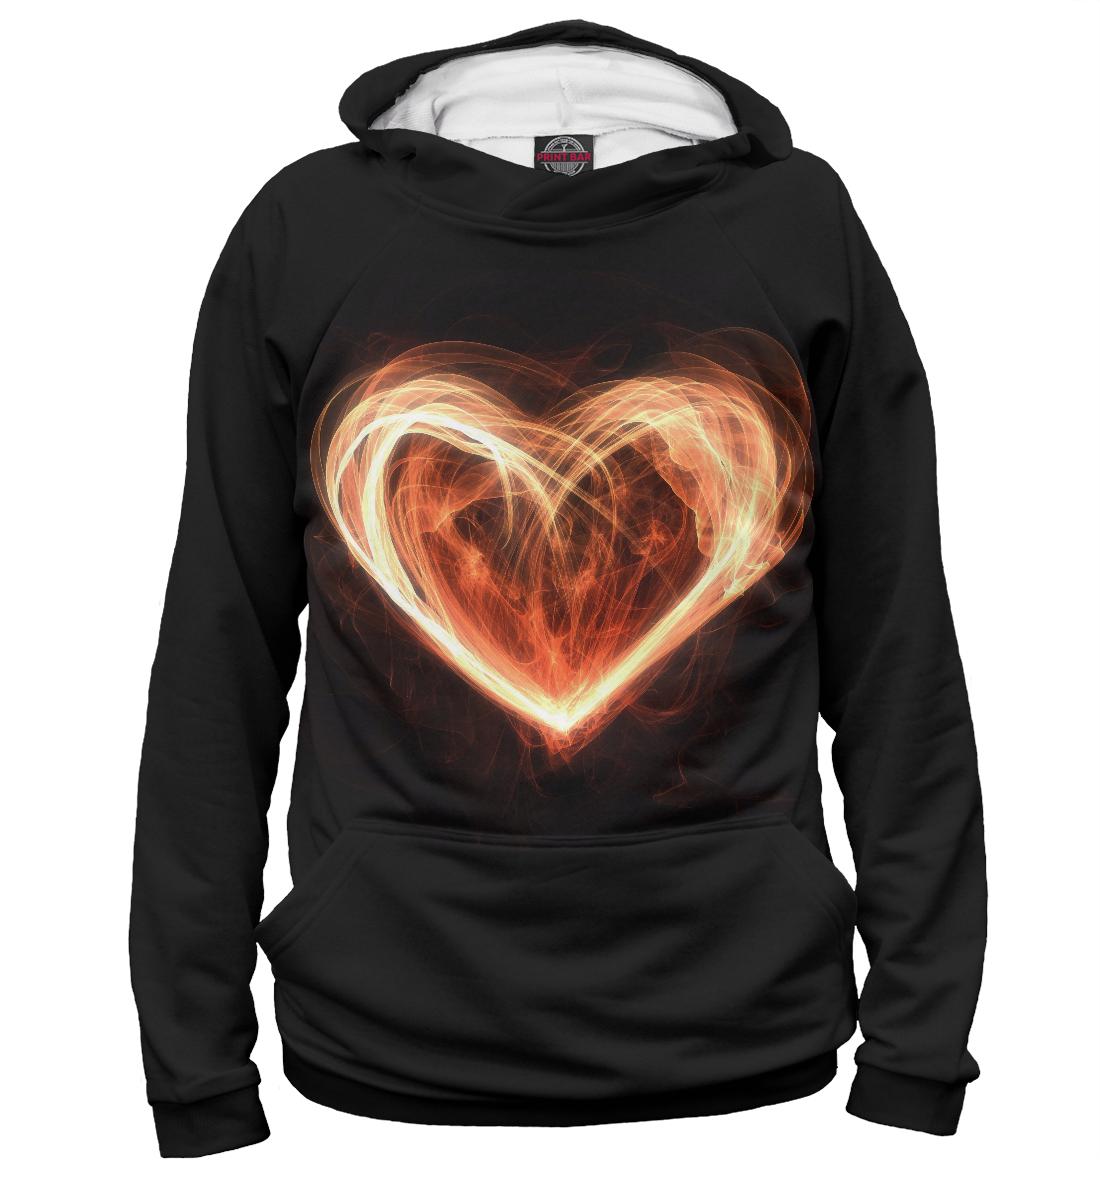 Купить Огненное сердце на чёрном фоне, Printbar, Худи, SRD-494101-hud-2